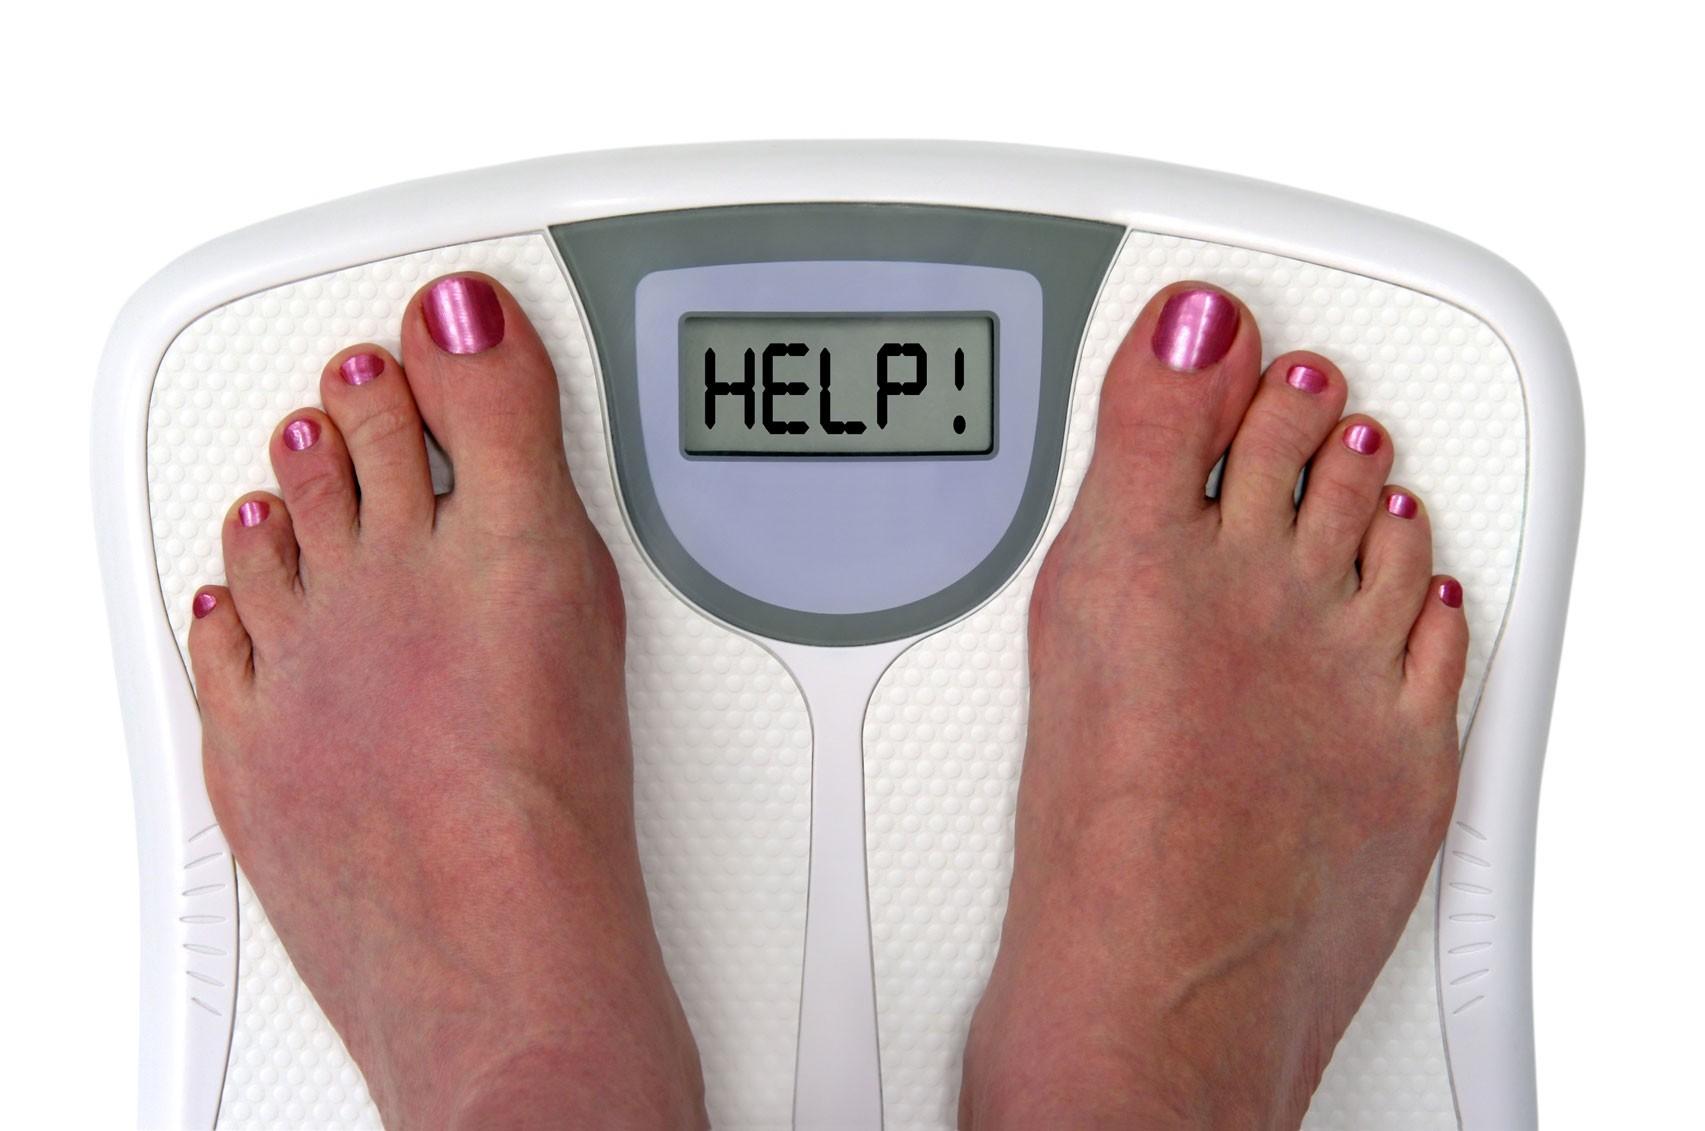 Физическая нагрузка никак несвязана сконтролем веса